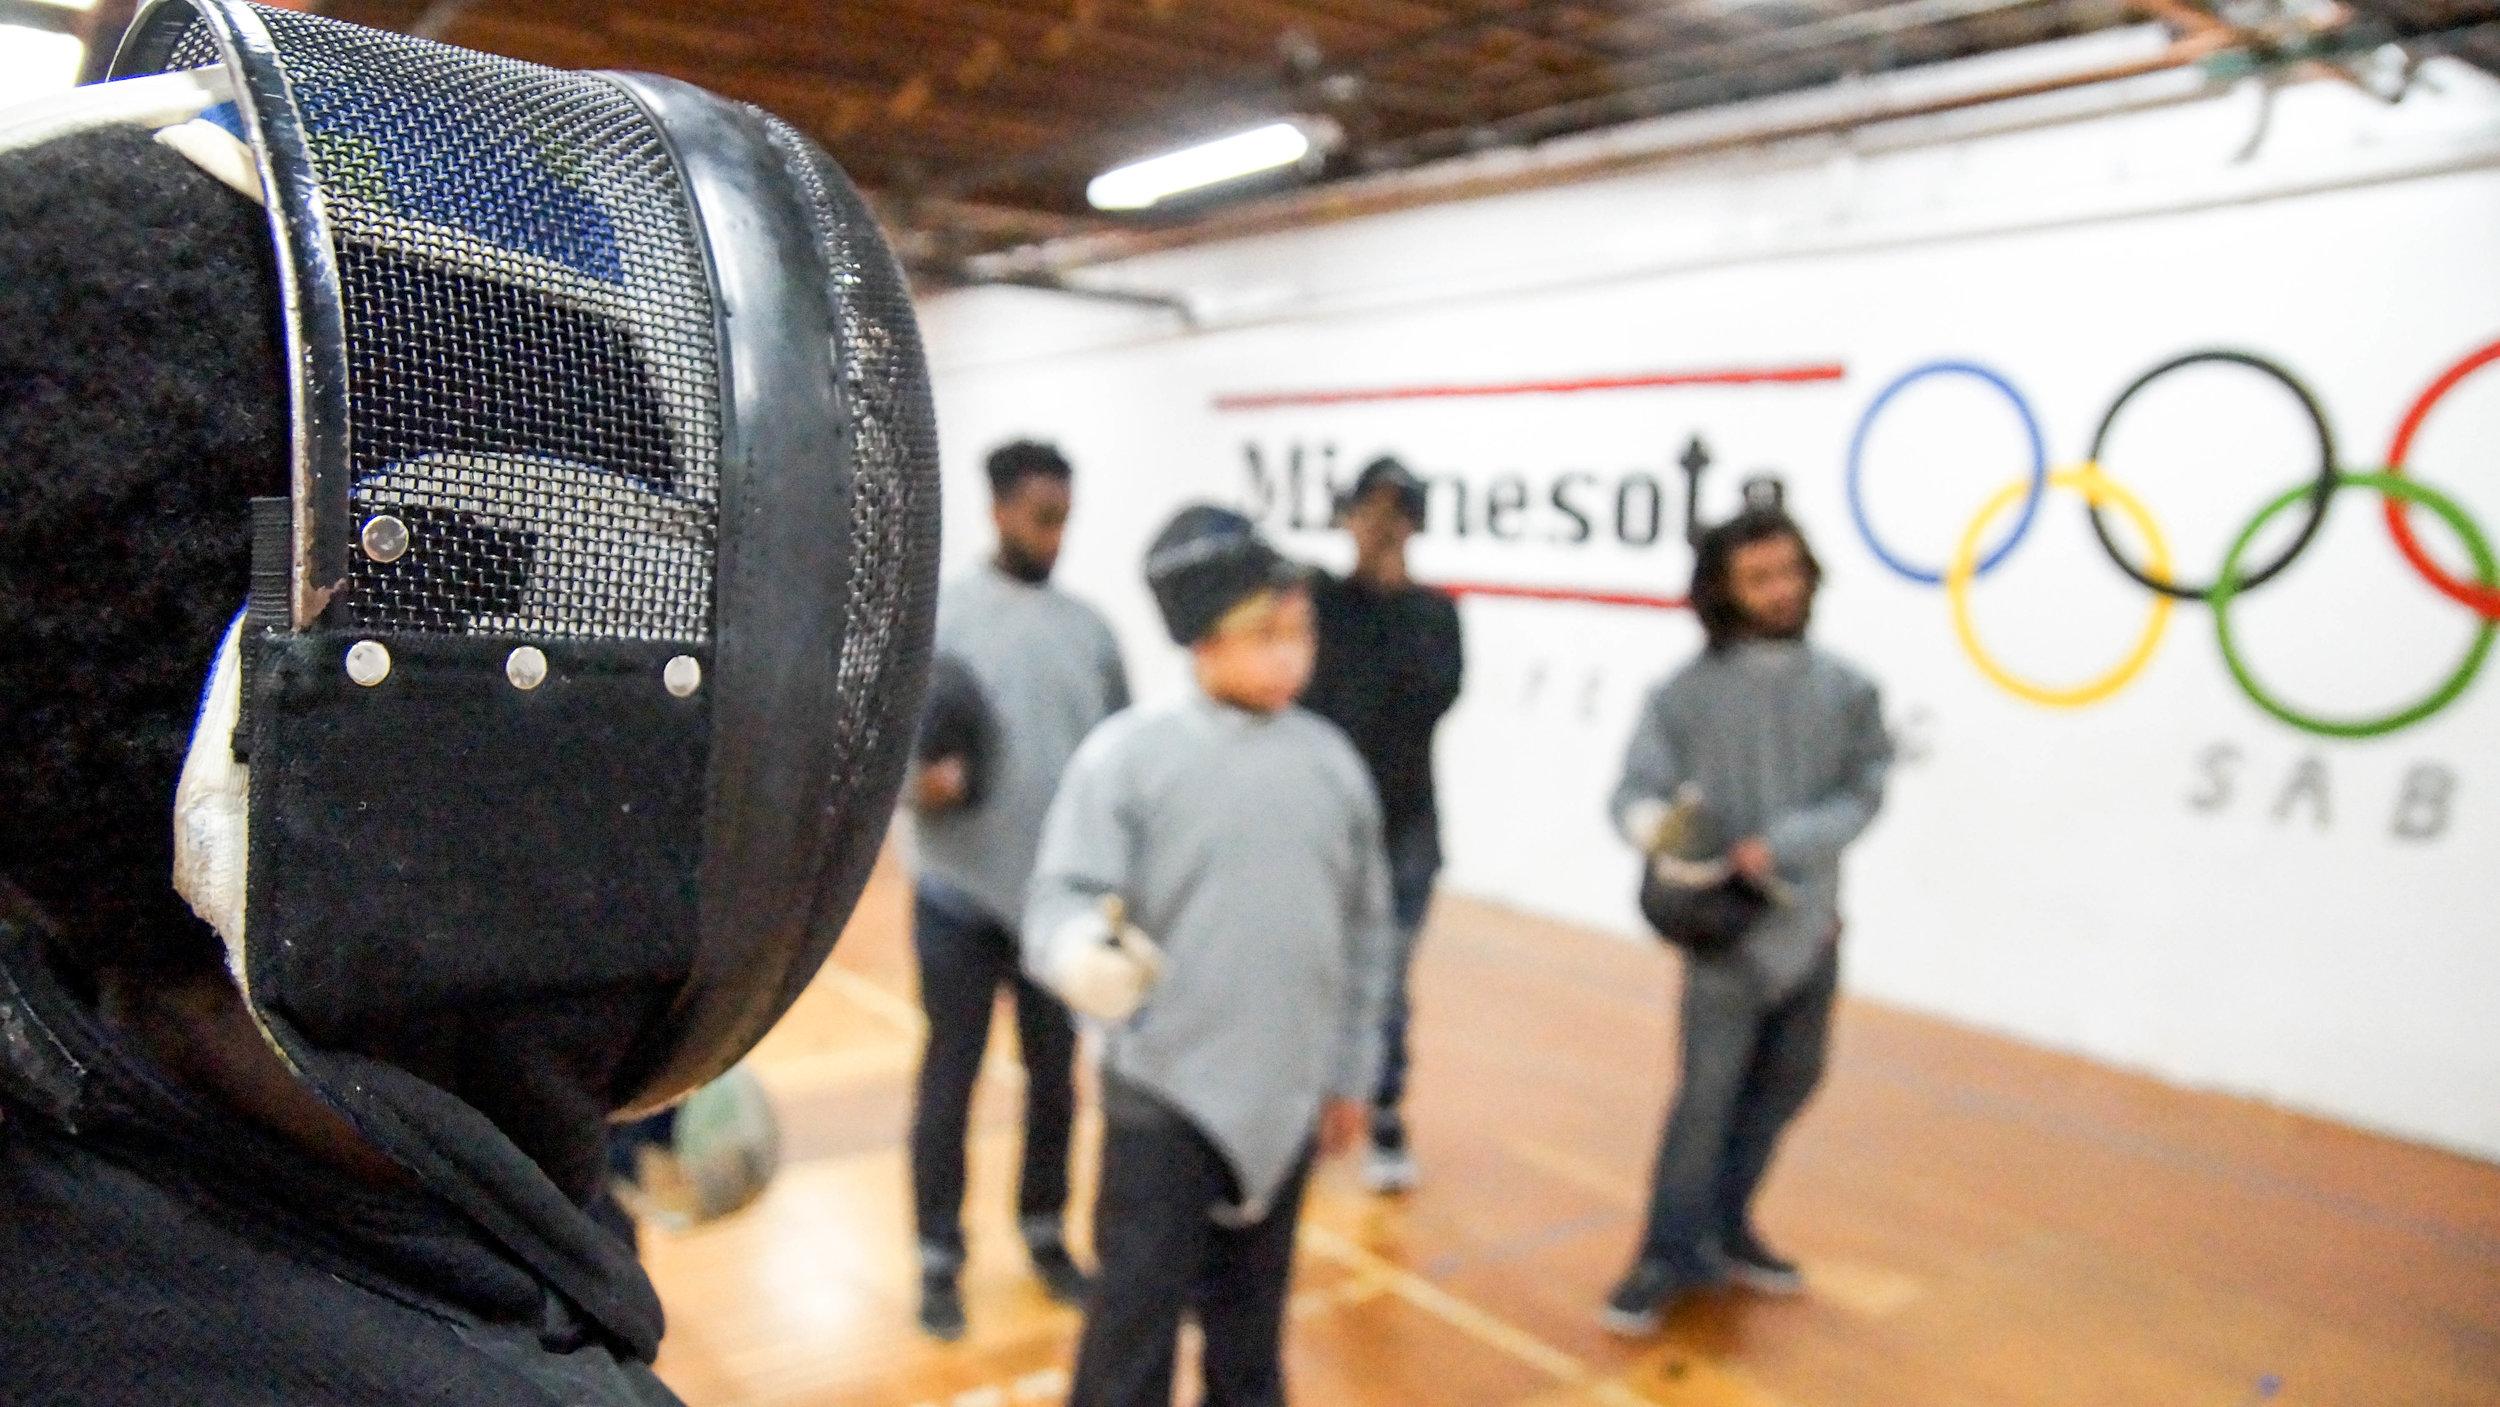 New Lens Urban Mentoring Society 09.jpg